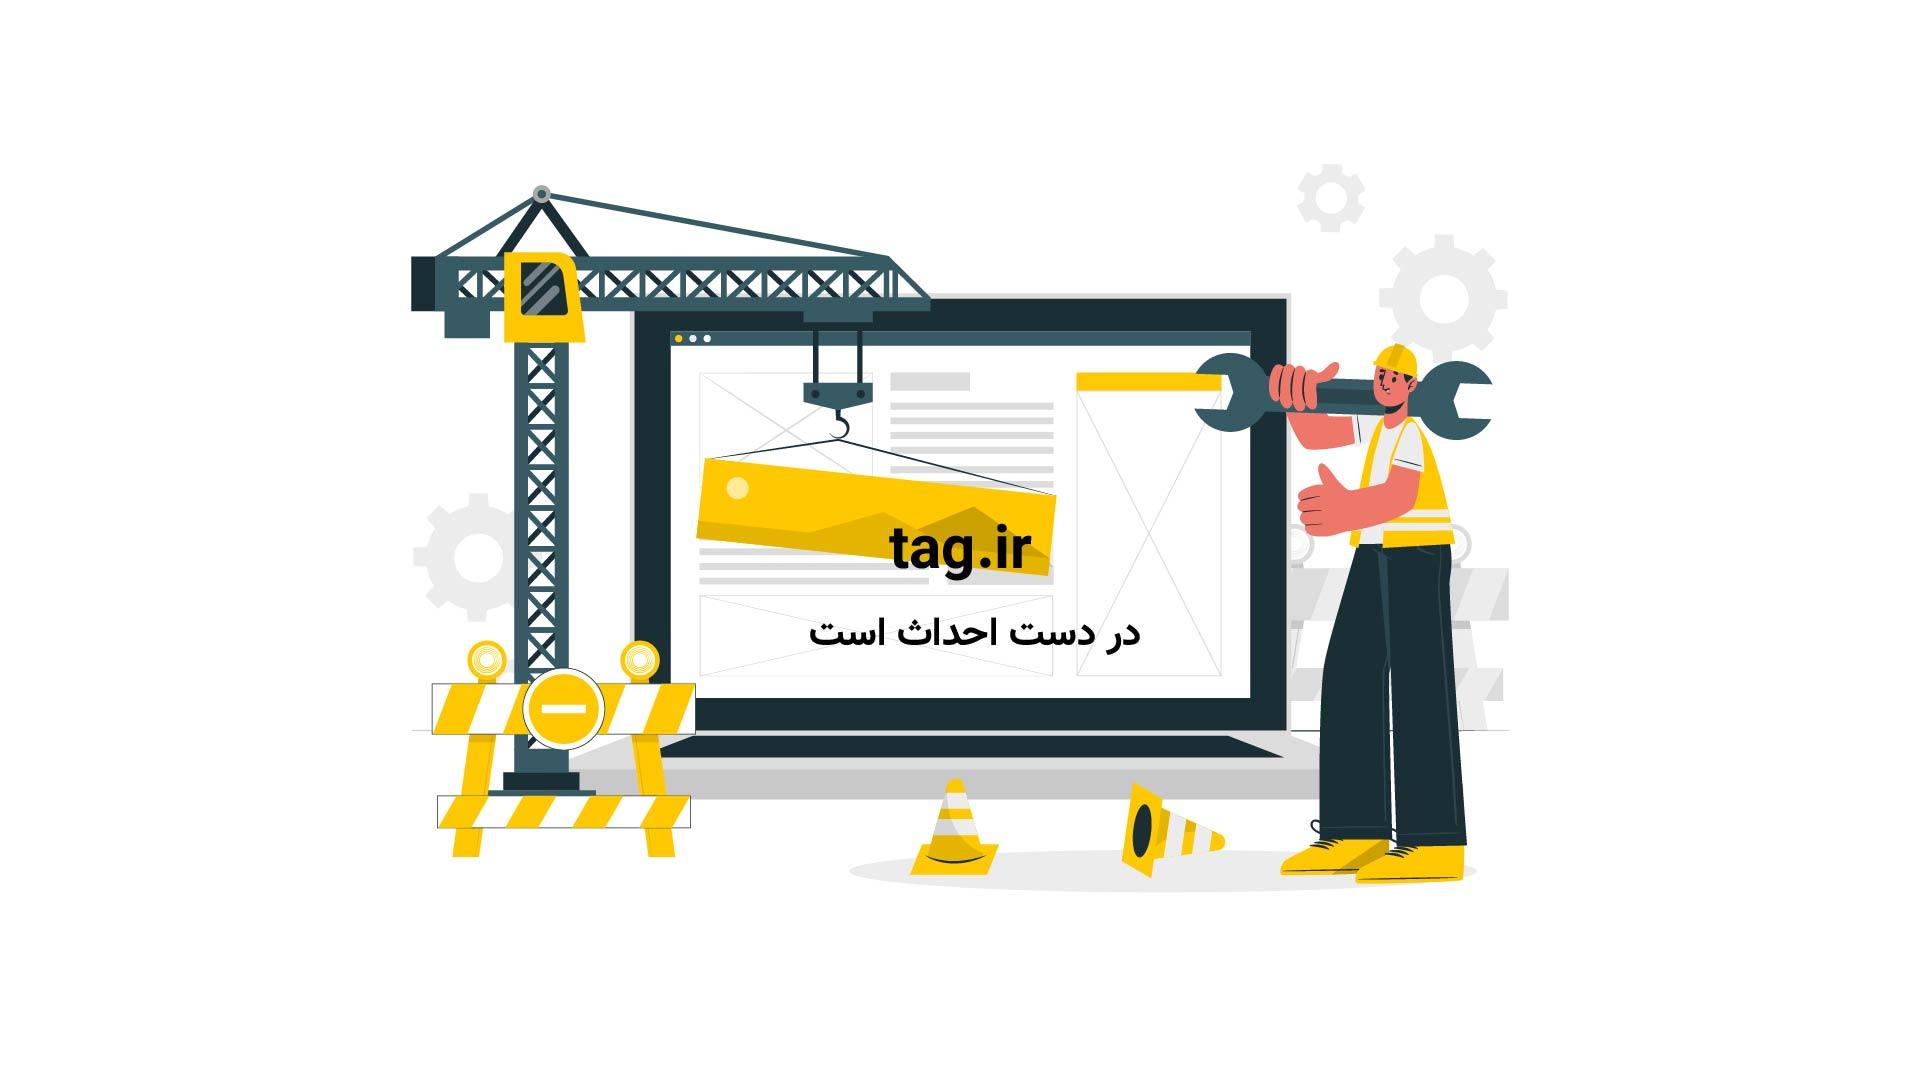 خودرو-معروف-طلایی | تگ